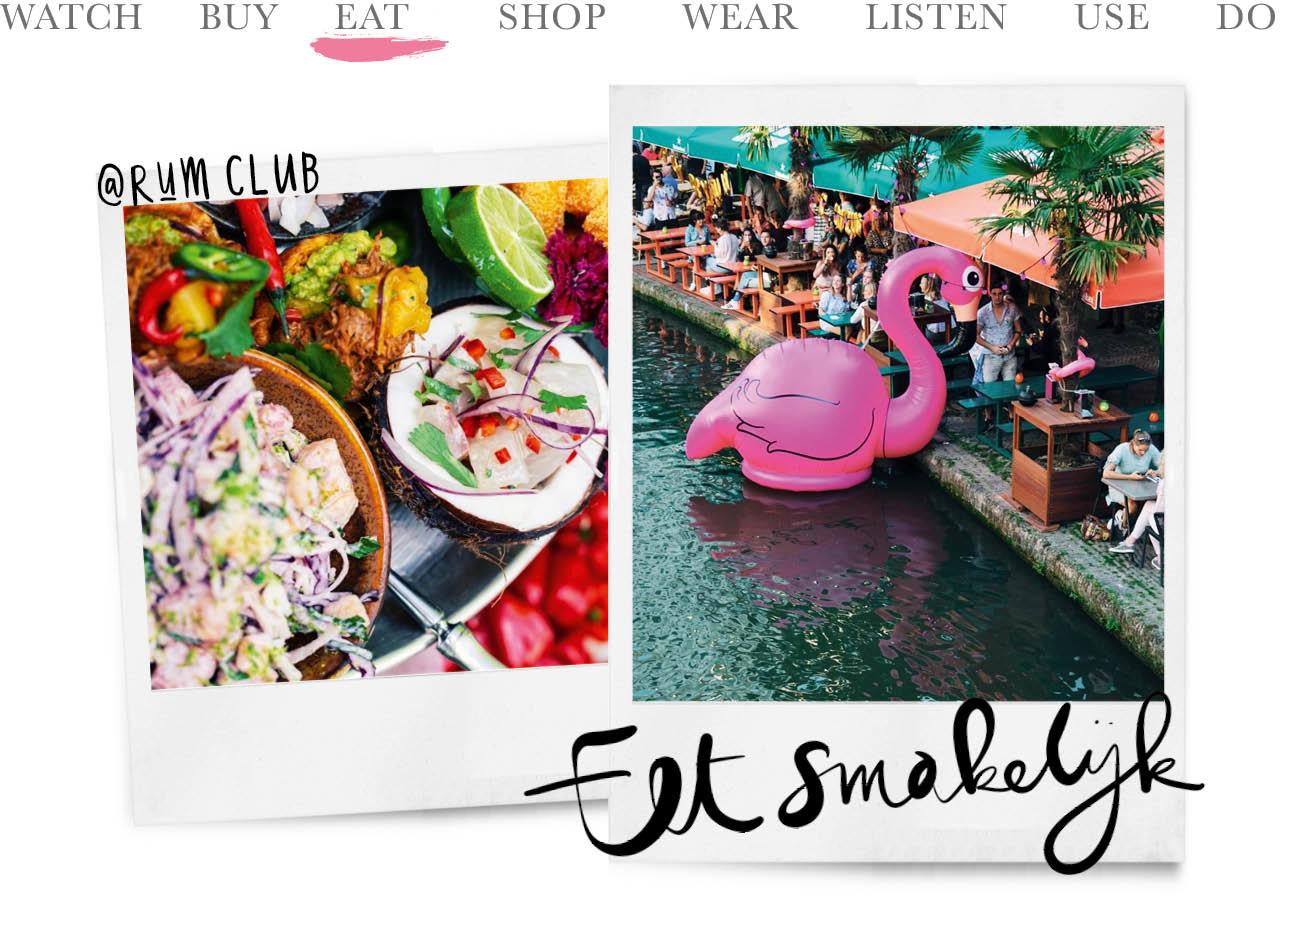 Op de afbeelding staan 2 polaroids met op de ene een schaal met kleurrijk eten, en op de andere een gracht met een grote opblaas flamingo in het roze